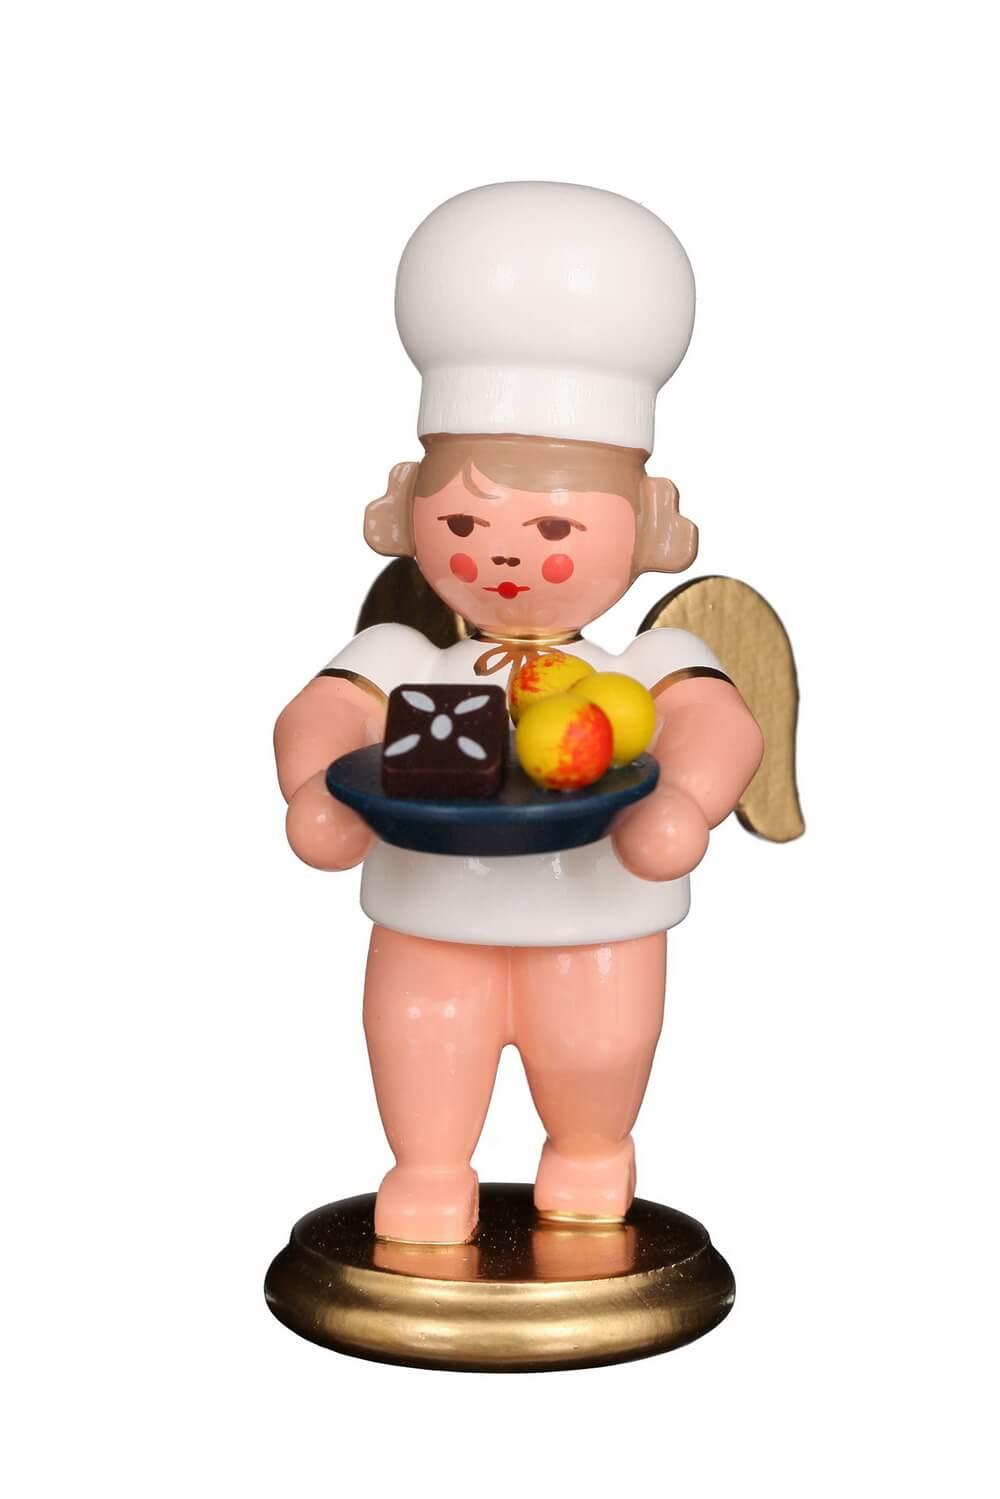 Weihnachtsengel - Bäckerengel mit Weihnachtsteller, 8 cm von Christian Ulbricht GmbH & Co KG Seiffen/ Erzgebirge